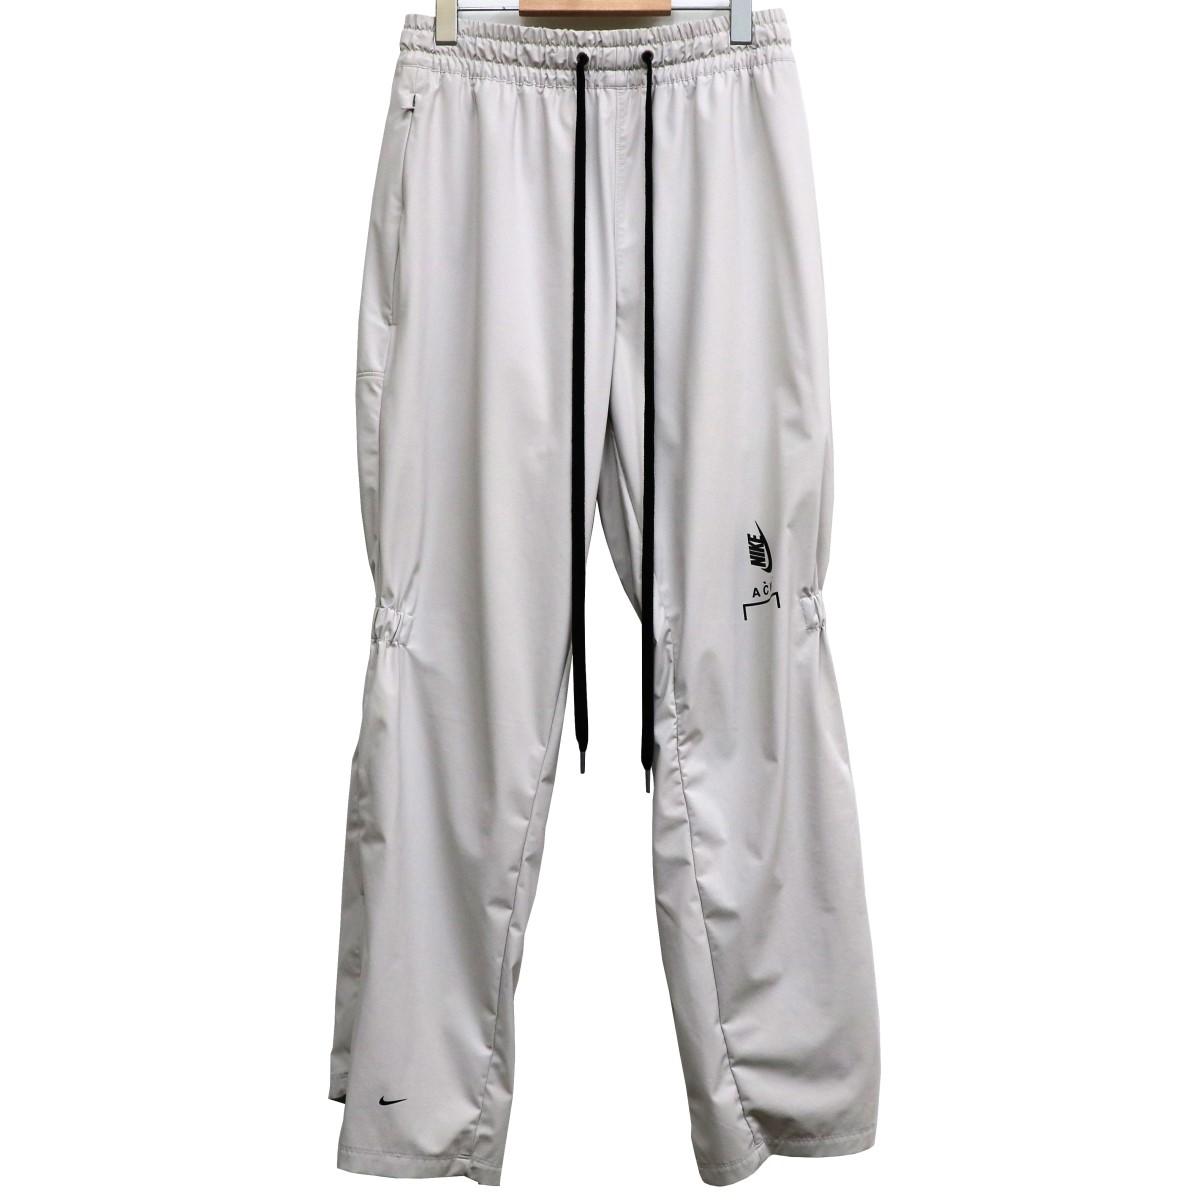 【中古】A-COLD-WALL×NIKE 18AW Edition NRG Lounge Pantsトラックパンツ グレー サイズ:M(~100cm) 【130320】(ア コールド ウォール ナイキ)